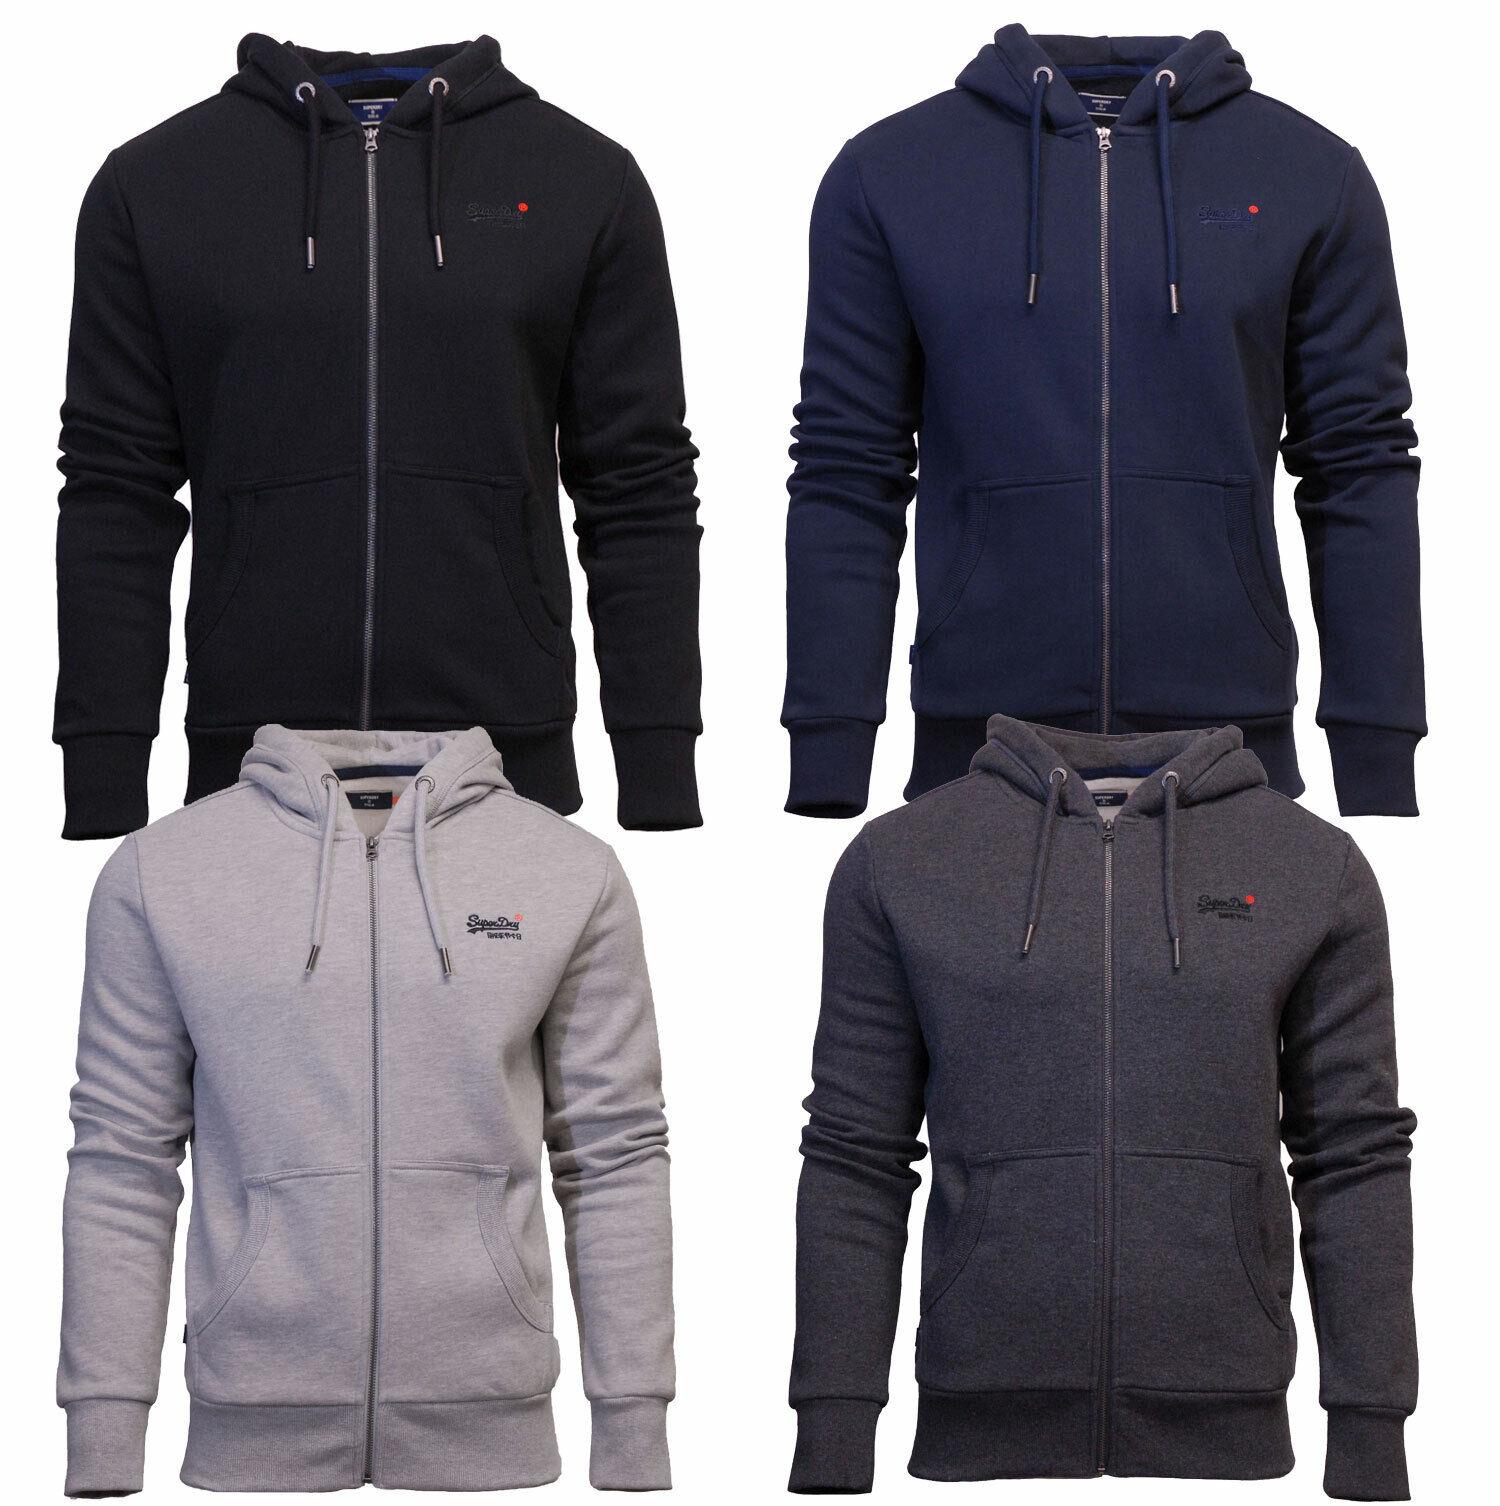 Superdry Mens New Orange Label Long Sleeve Full Zip Hoody Black Navy Dark Grey